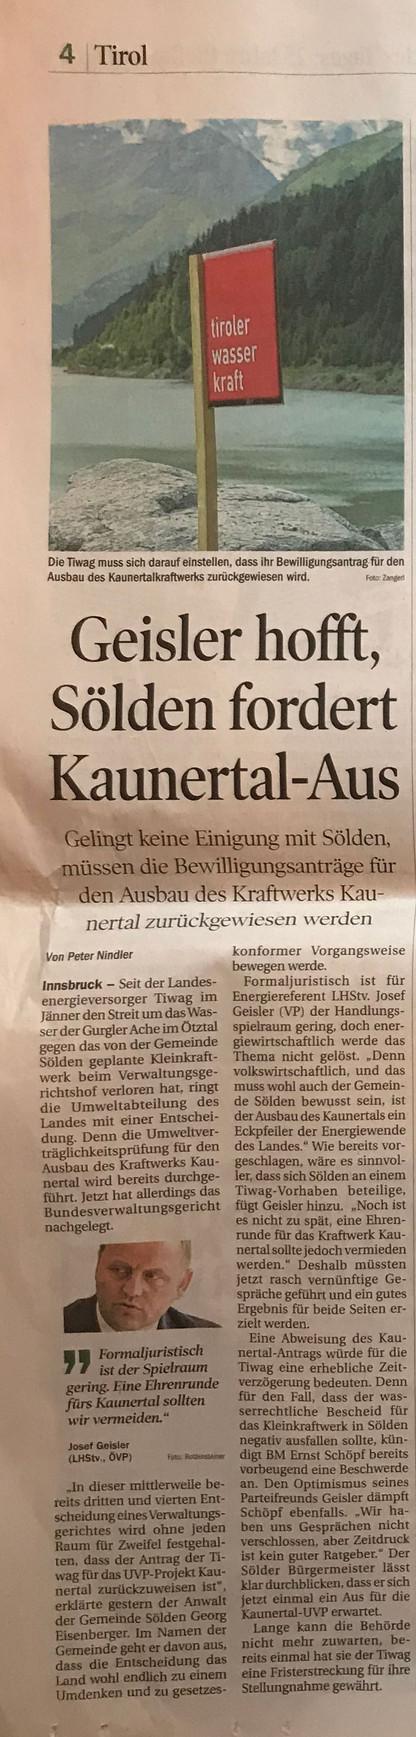 Tiroler Tageszeitung 04.04.2015